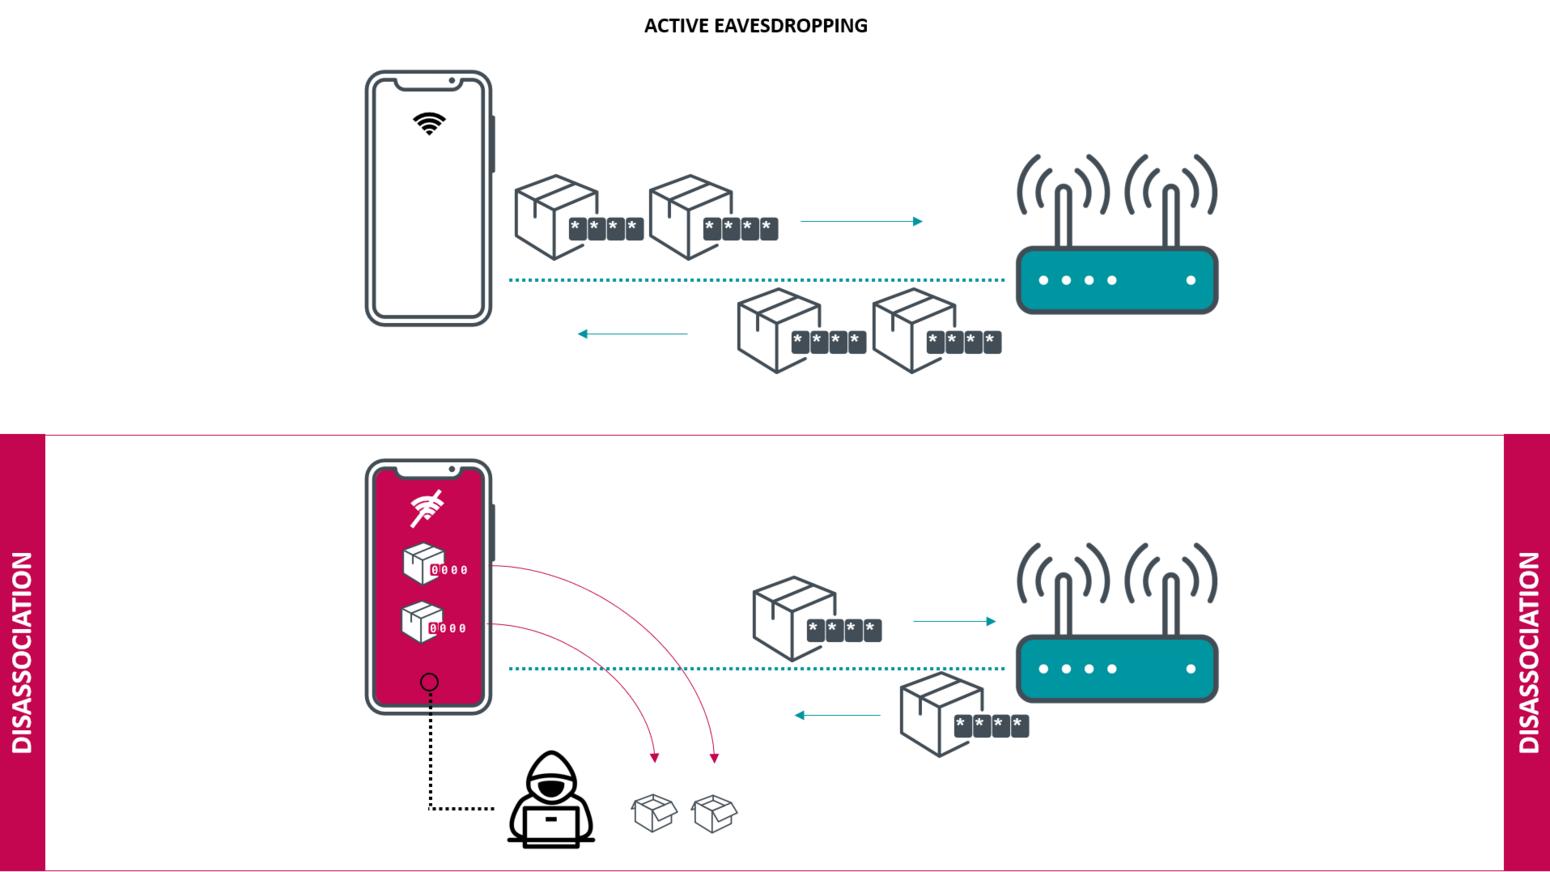 La vulnerabilità Kr00k permette di decifrare pacchetti dalle reti WiFI